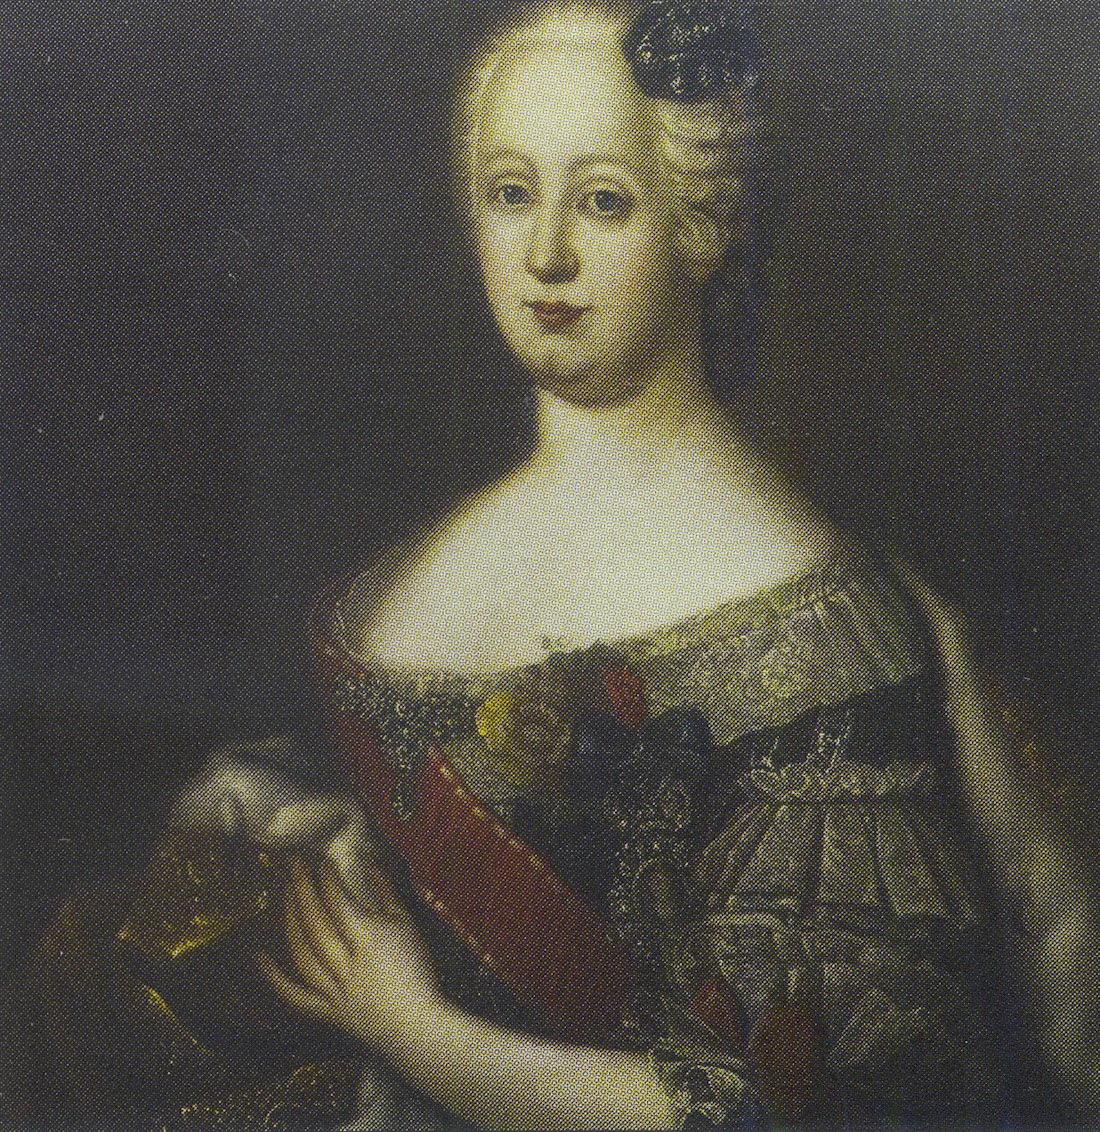 Портрет герцогини Иоганны Елизаветы Ангальт-Цербстской.